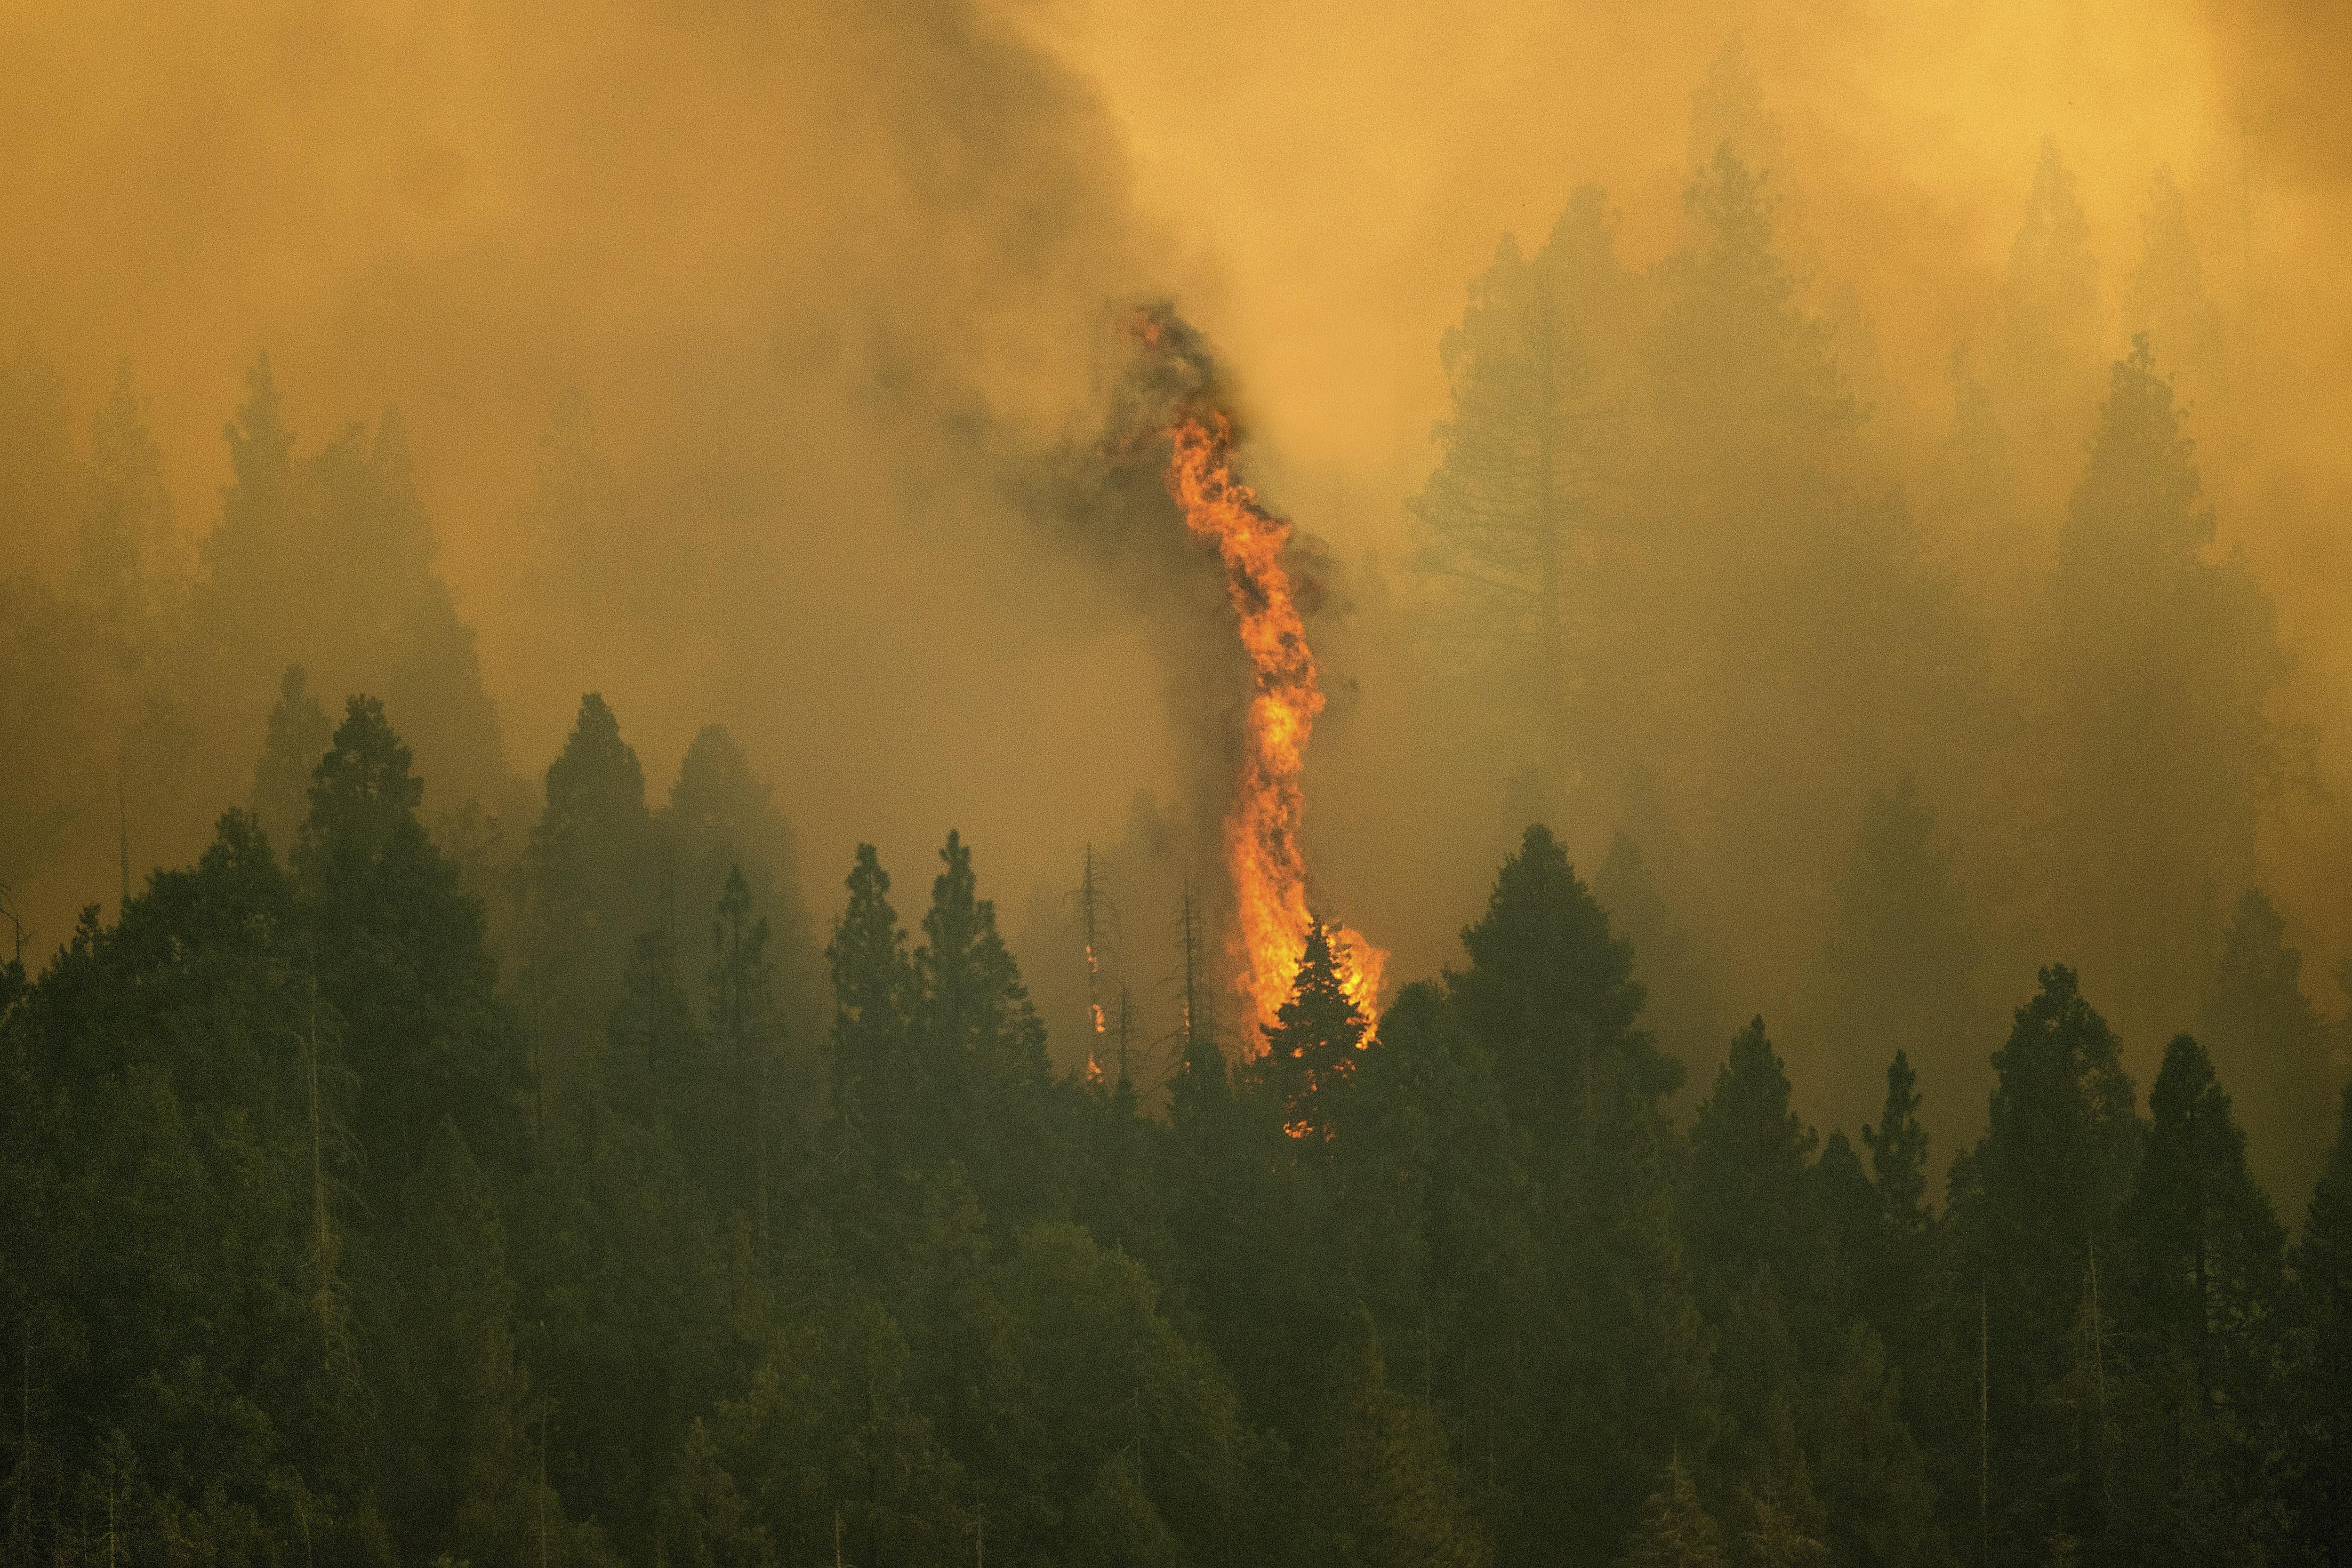 Los incendios amenazan uno de los tesoros del planeta: las gigantescas secuoyas milenarias de California